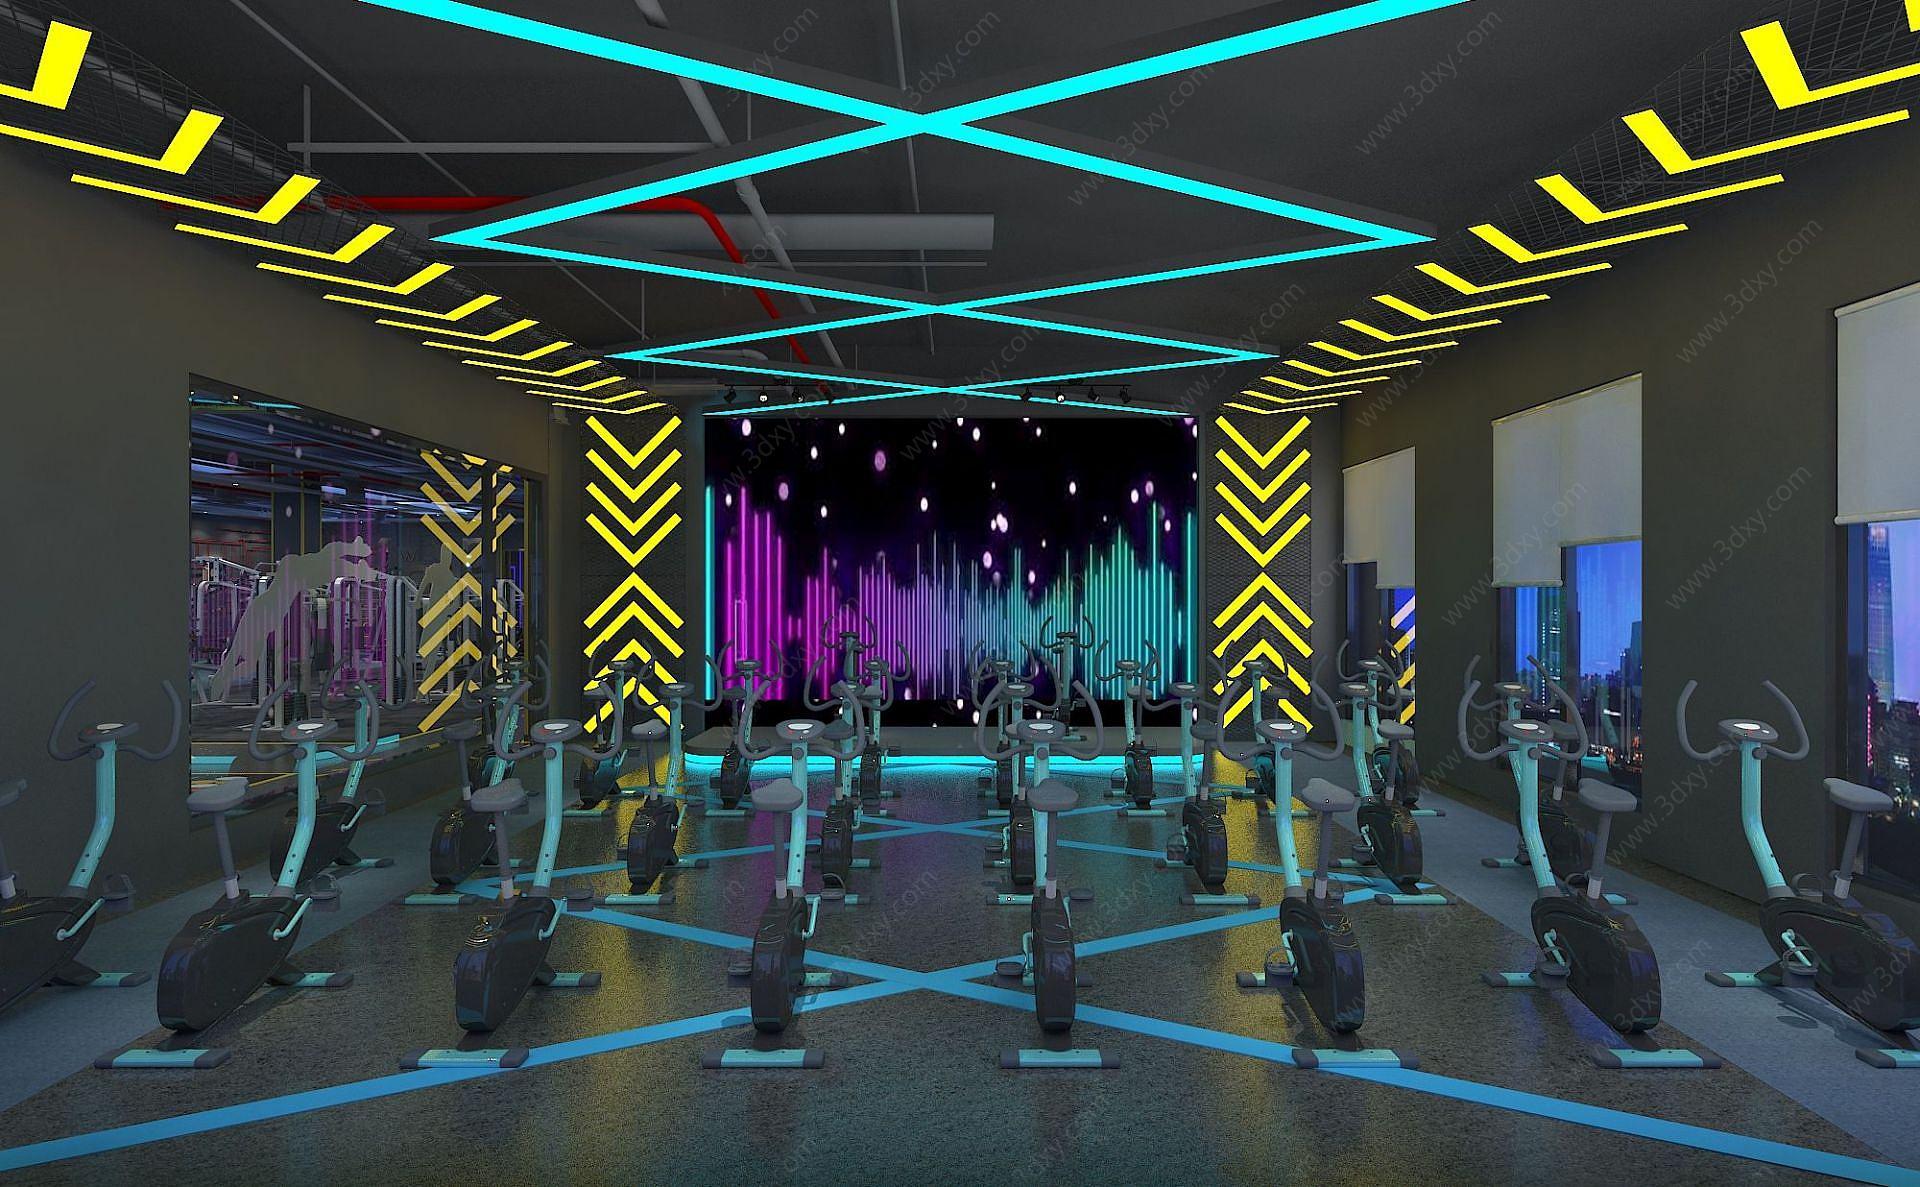 動感單車房健身房